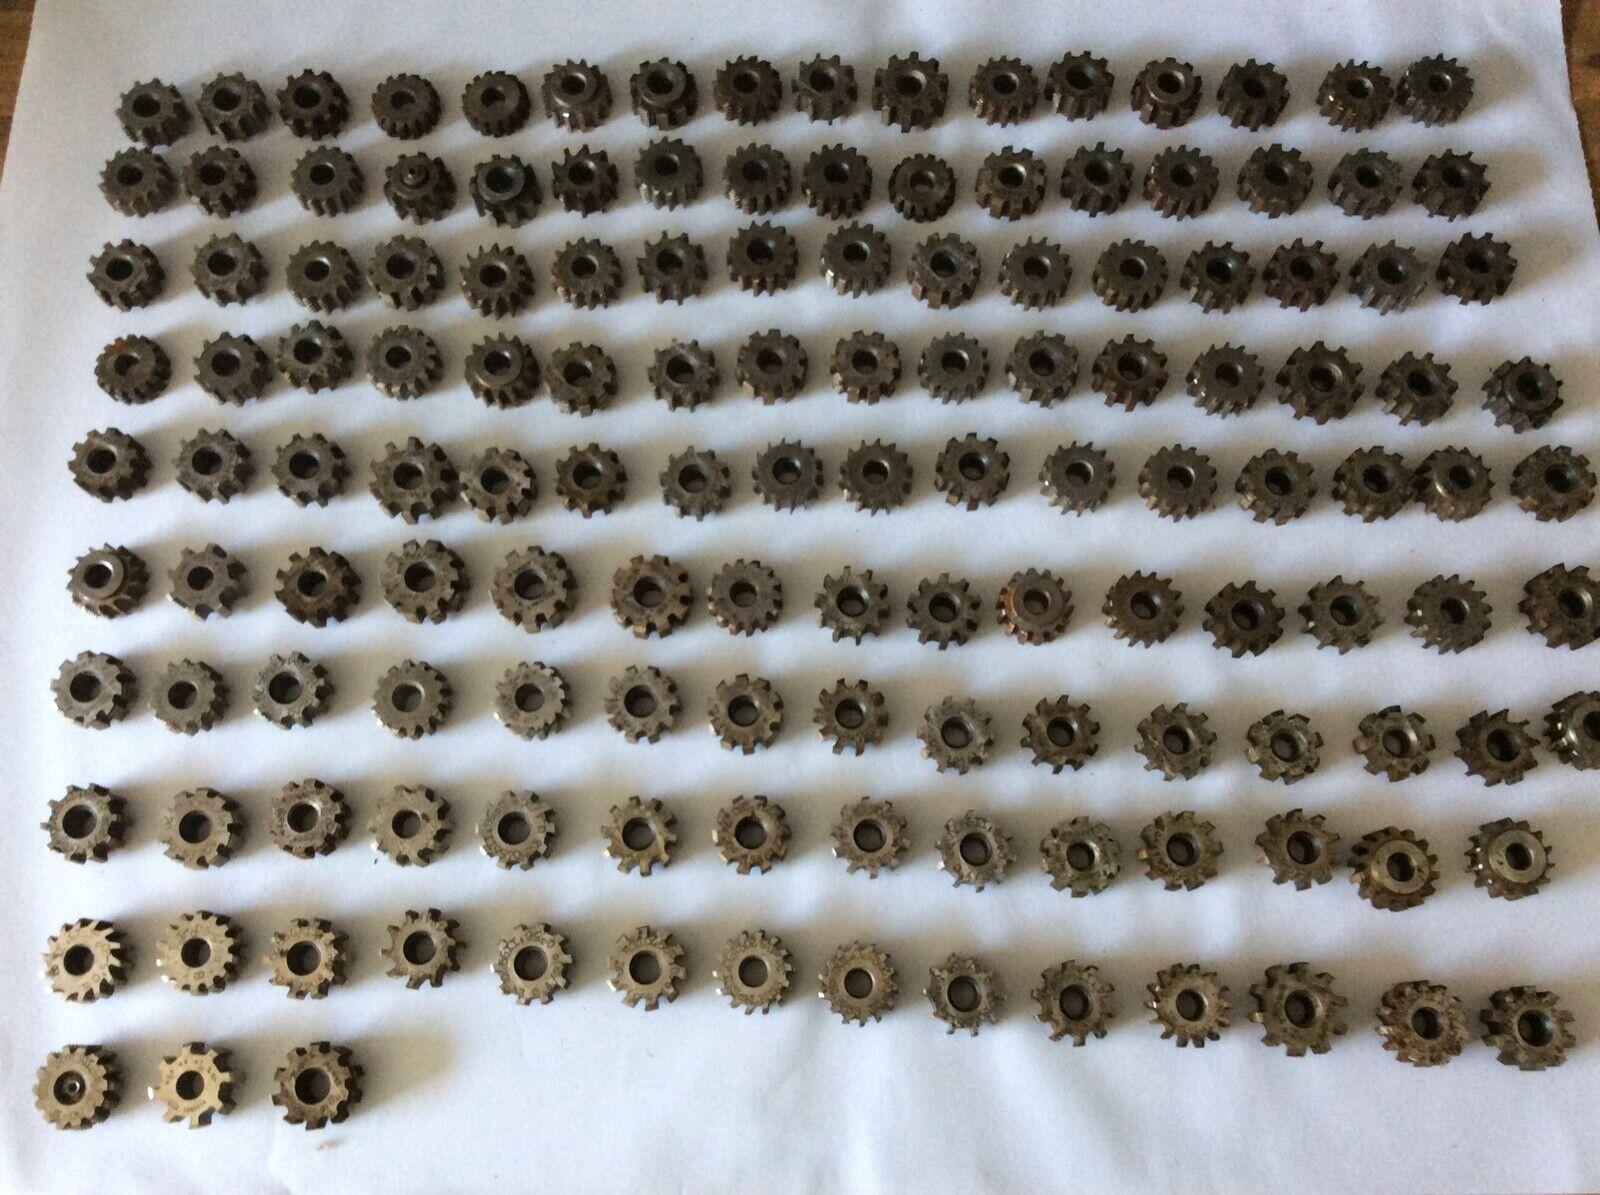 PWS Uhrmacher Zahnradfräser Wälzfräser Modulfräser Konvolut Modul 0,3 bis 0,7